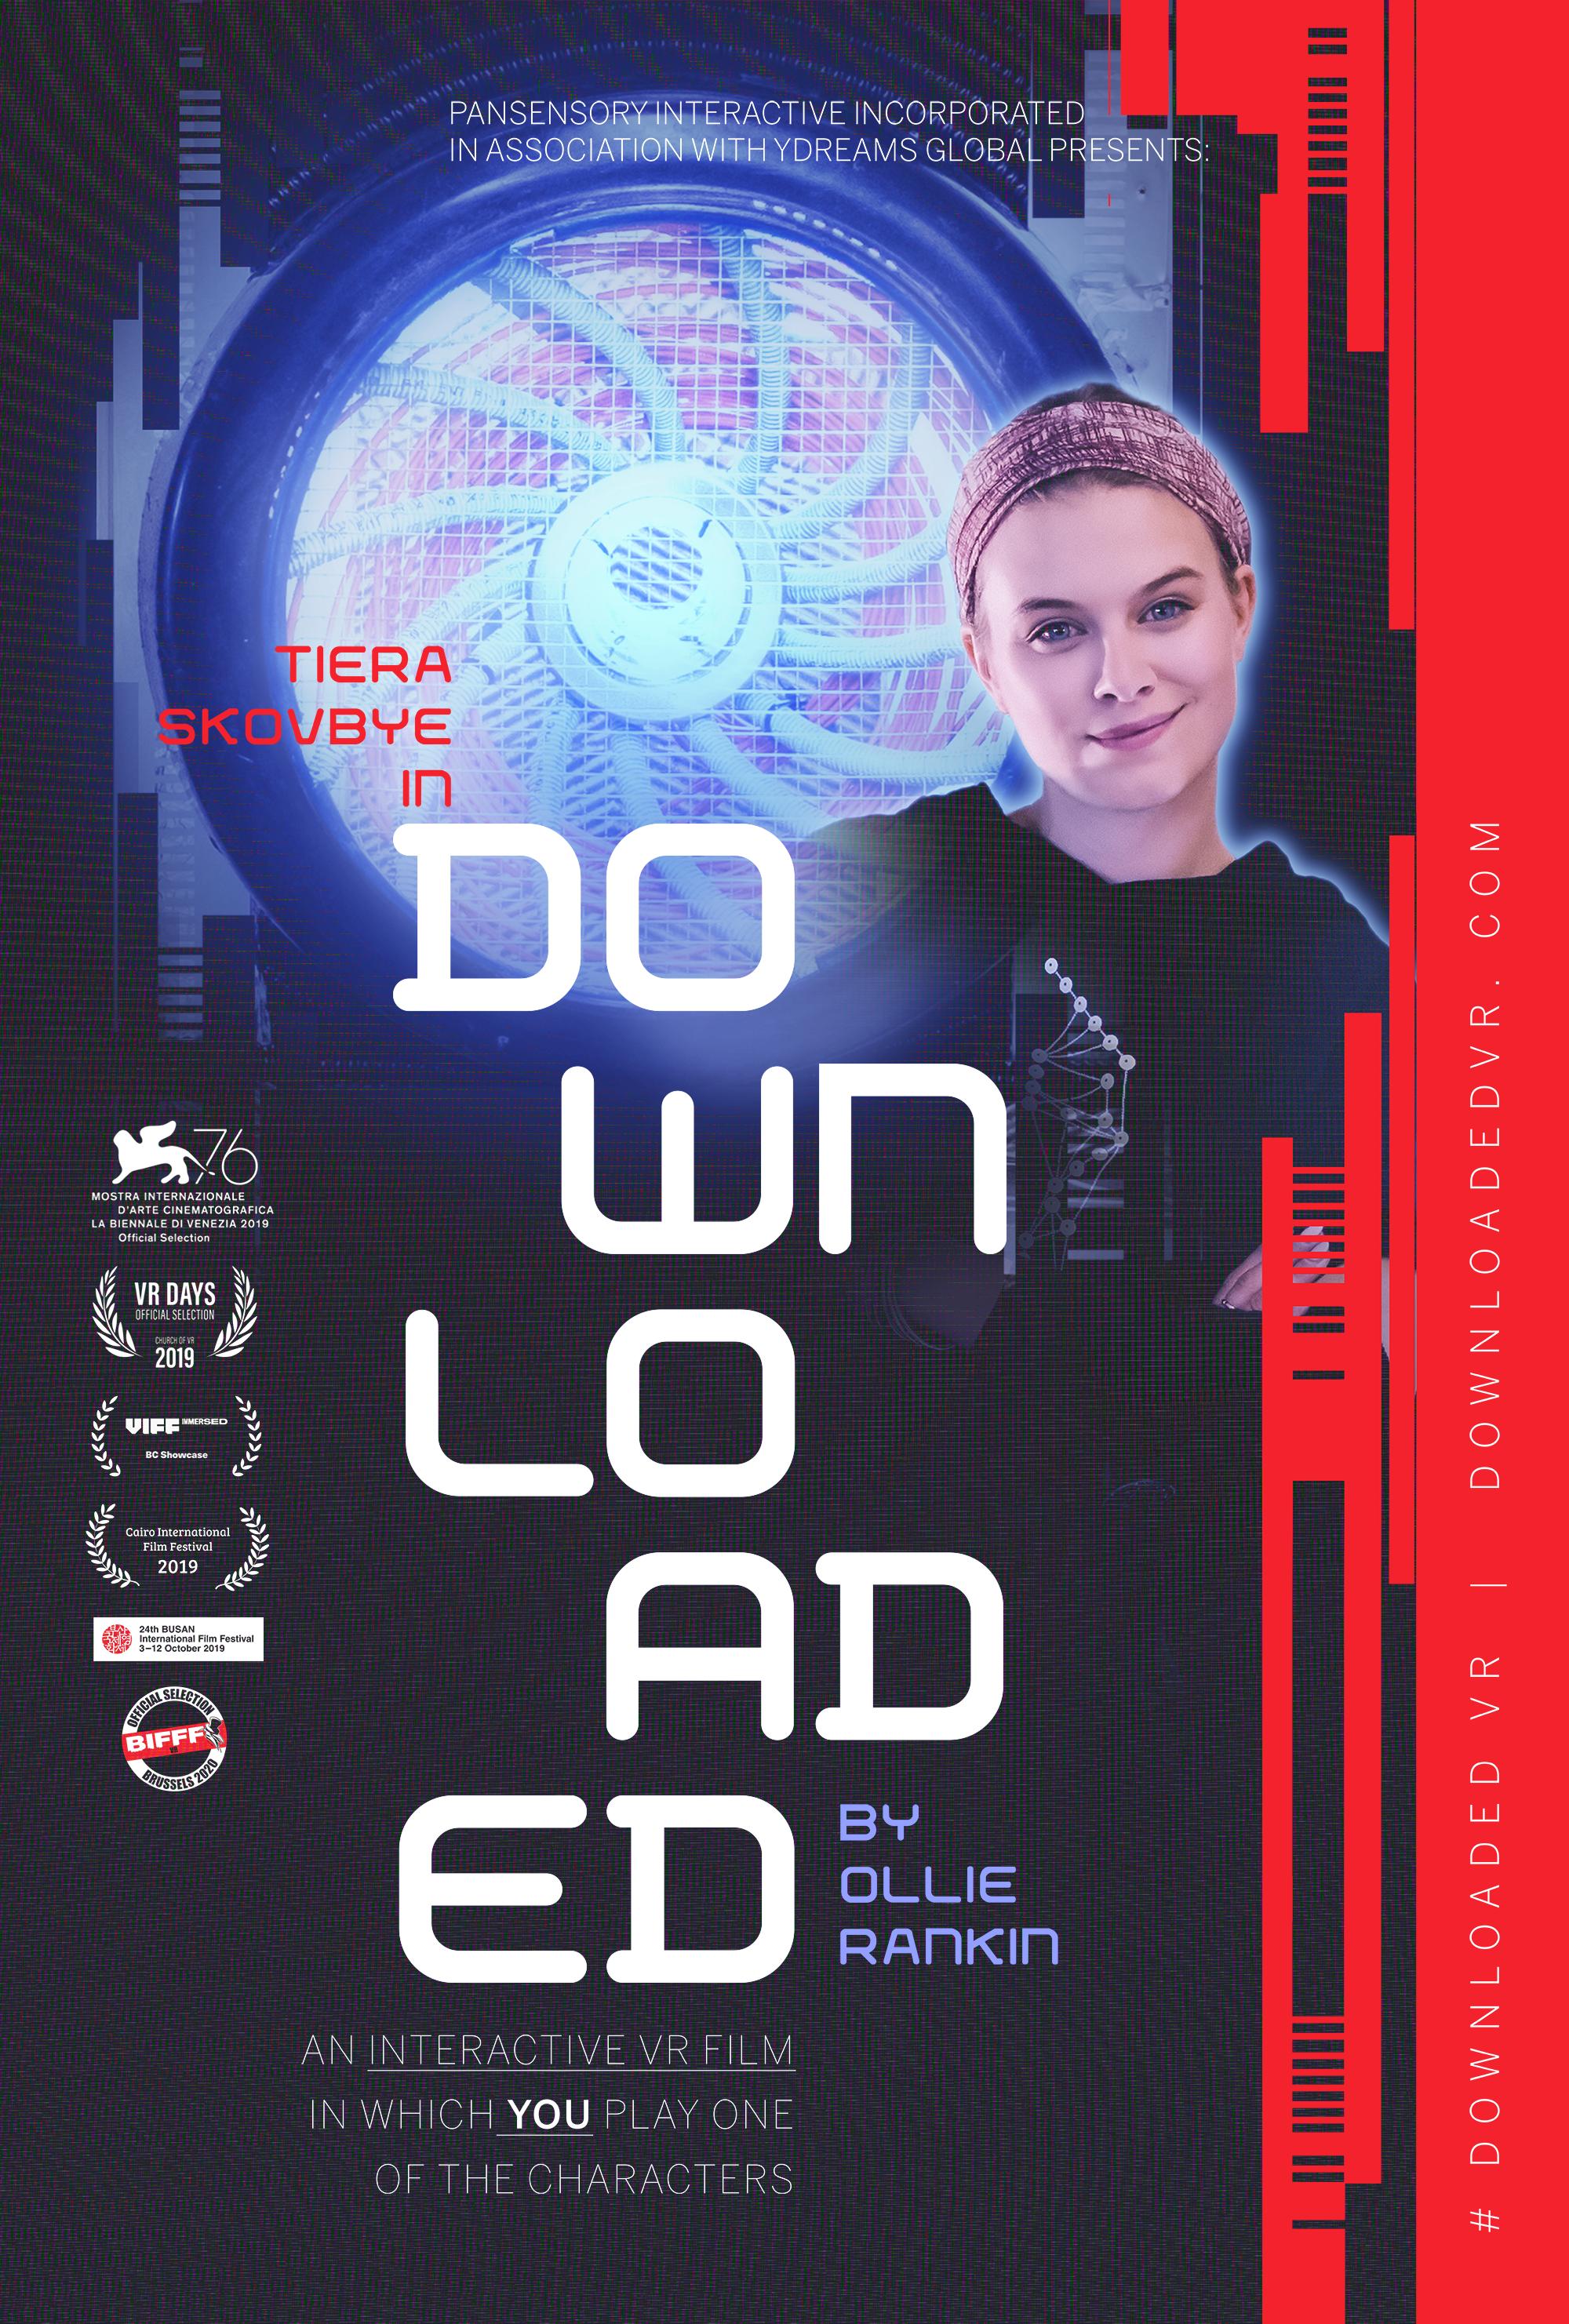 downloaded_poster_04_templaurels